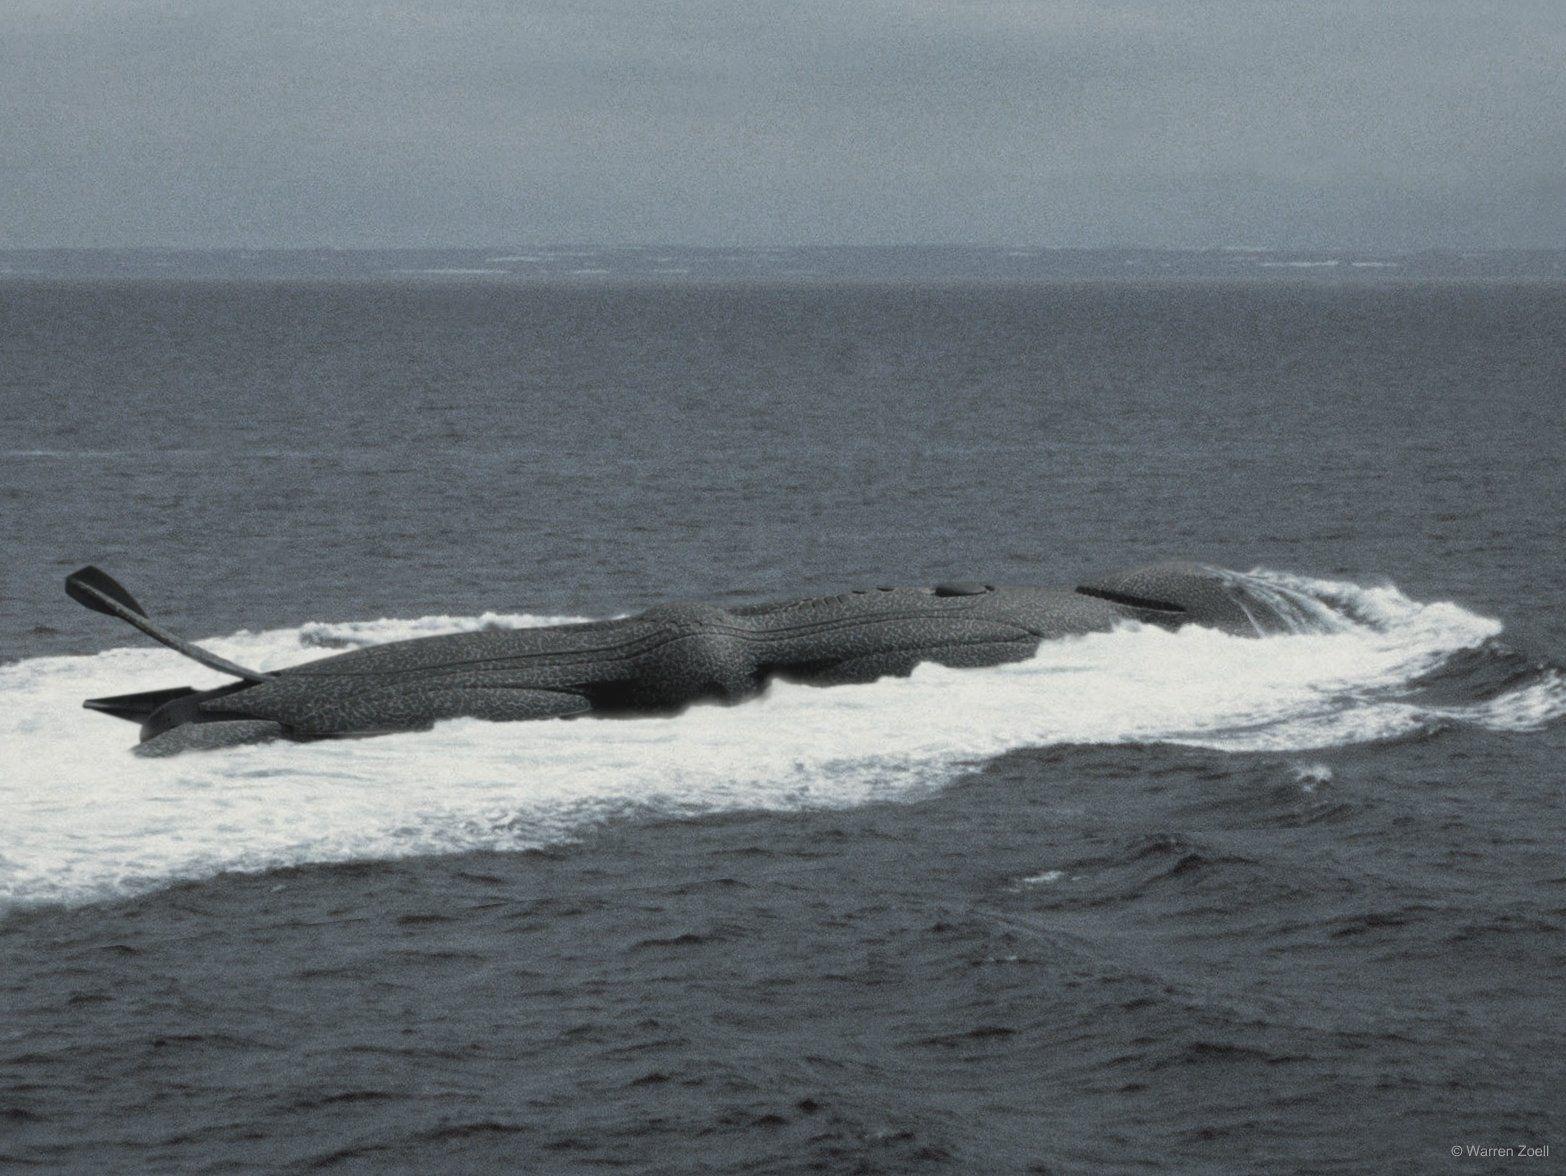 DSV Seaquest